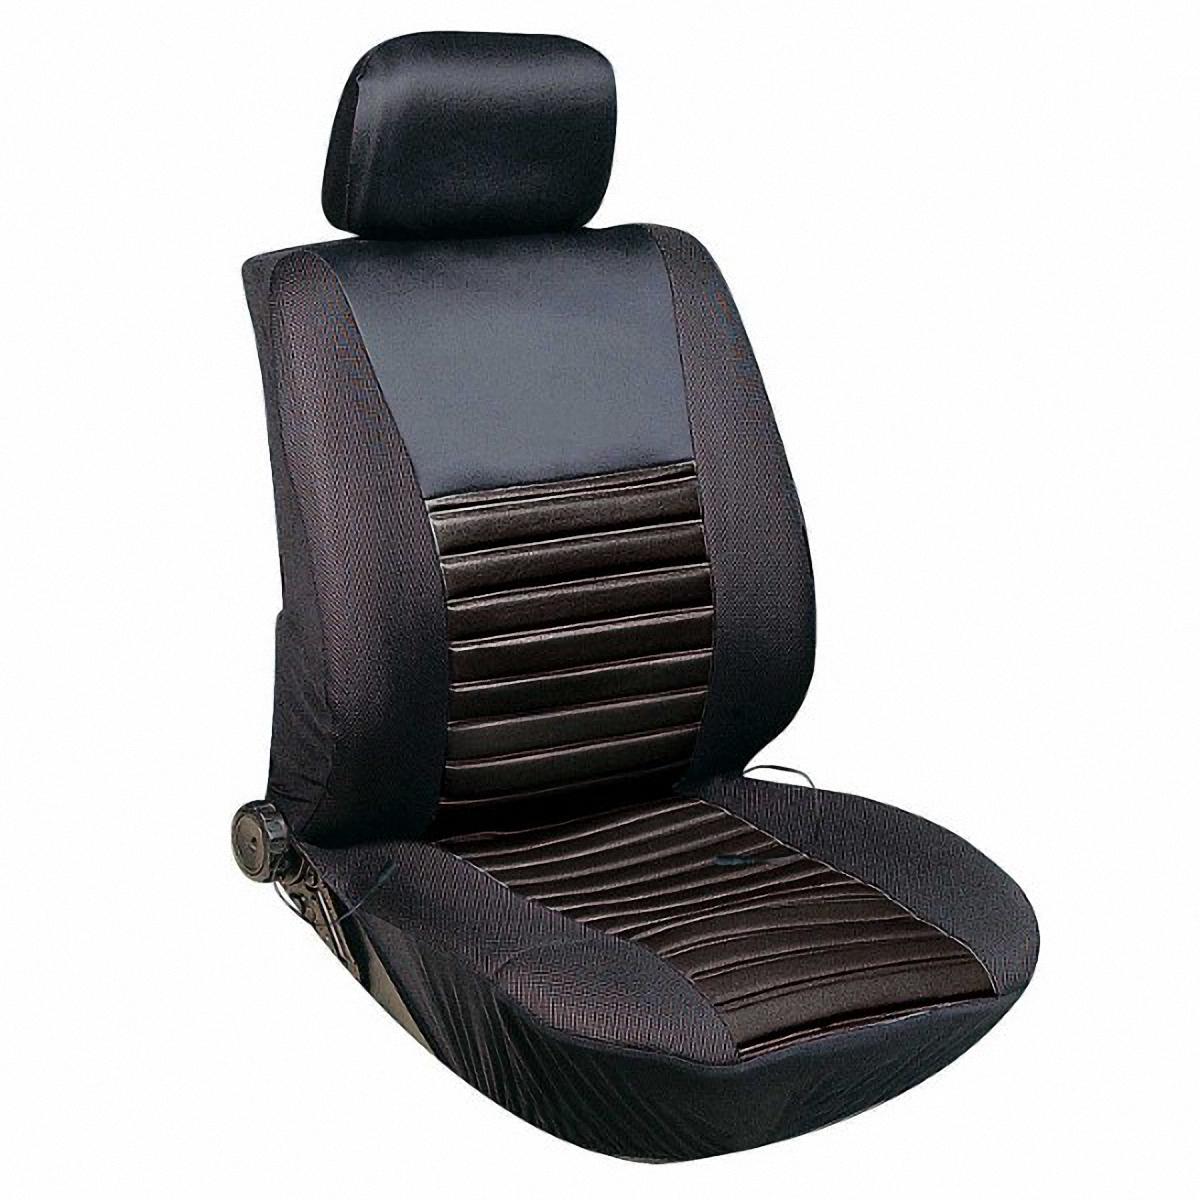 Чехлы для сиденья Skyway 12V, с подогревом, 2,5А-3А, цвет: черный, 116 х 56 смS02202007